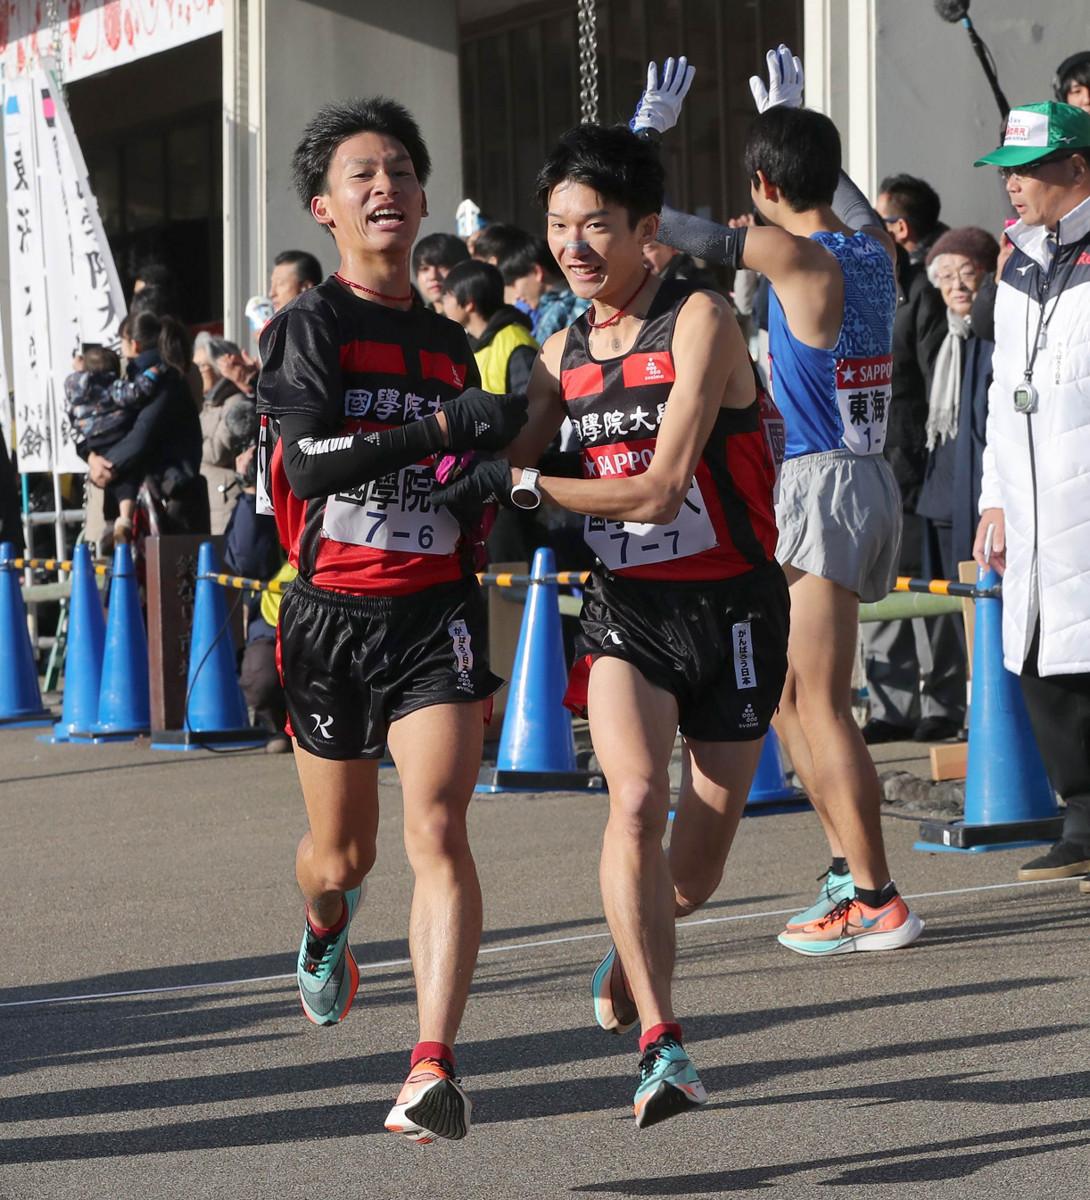 国学院大6区・島崎慎愛(左)から、国学院大7区・木付琳(右)にタスキが渡る